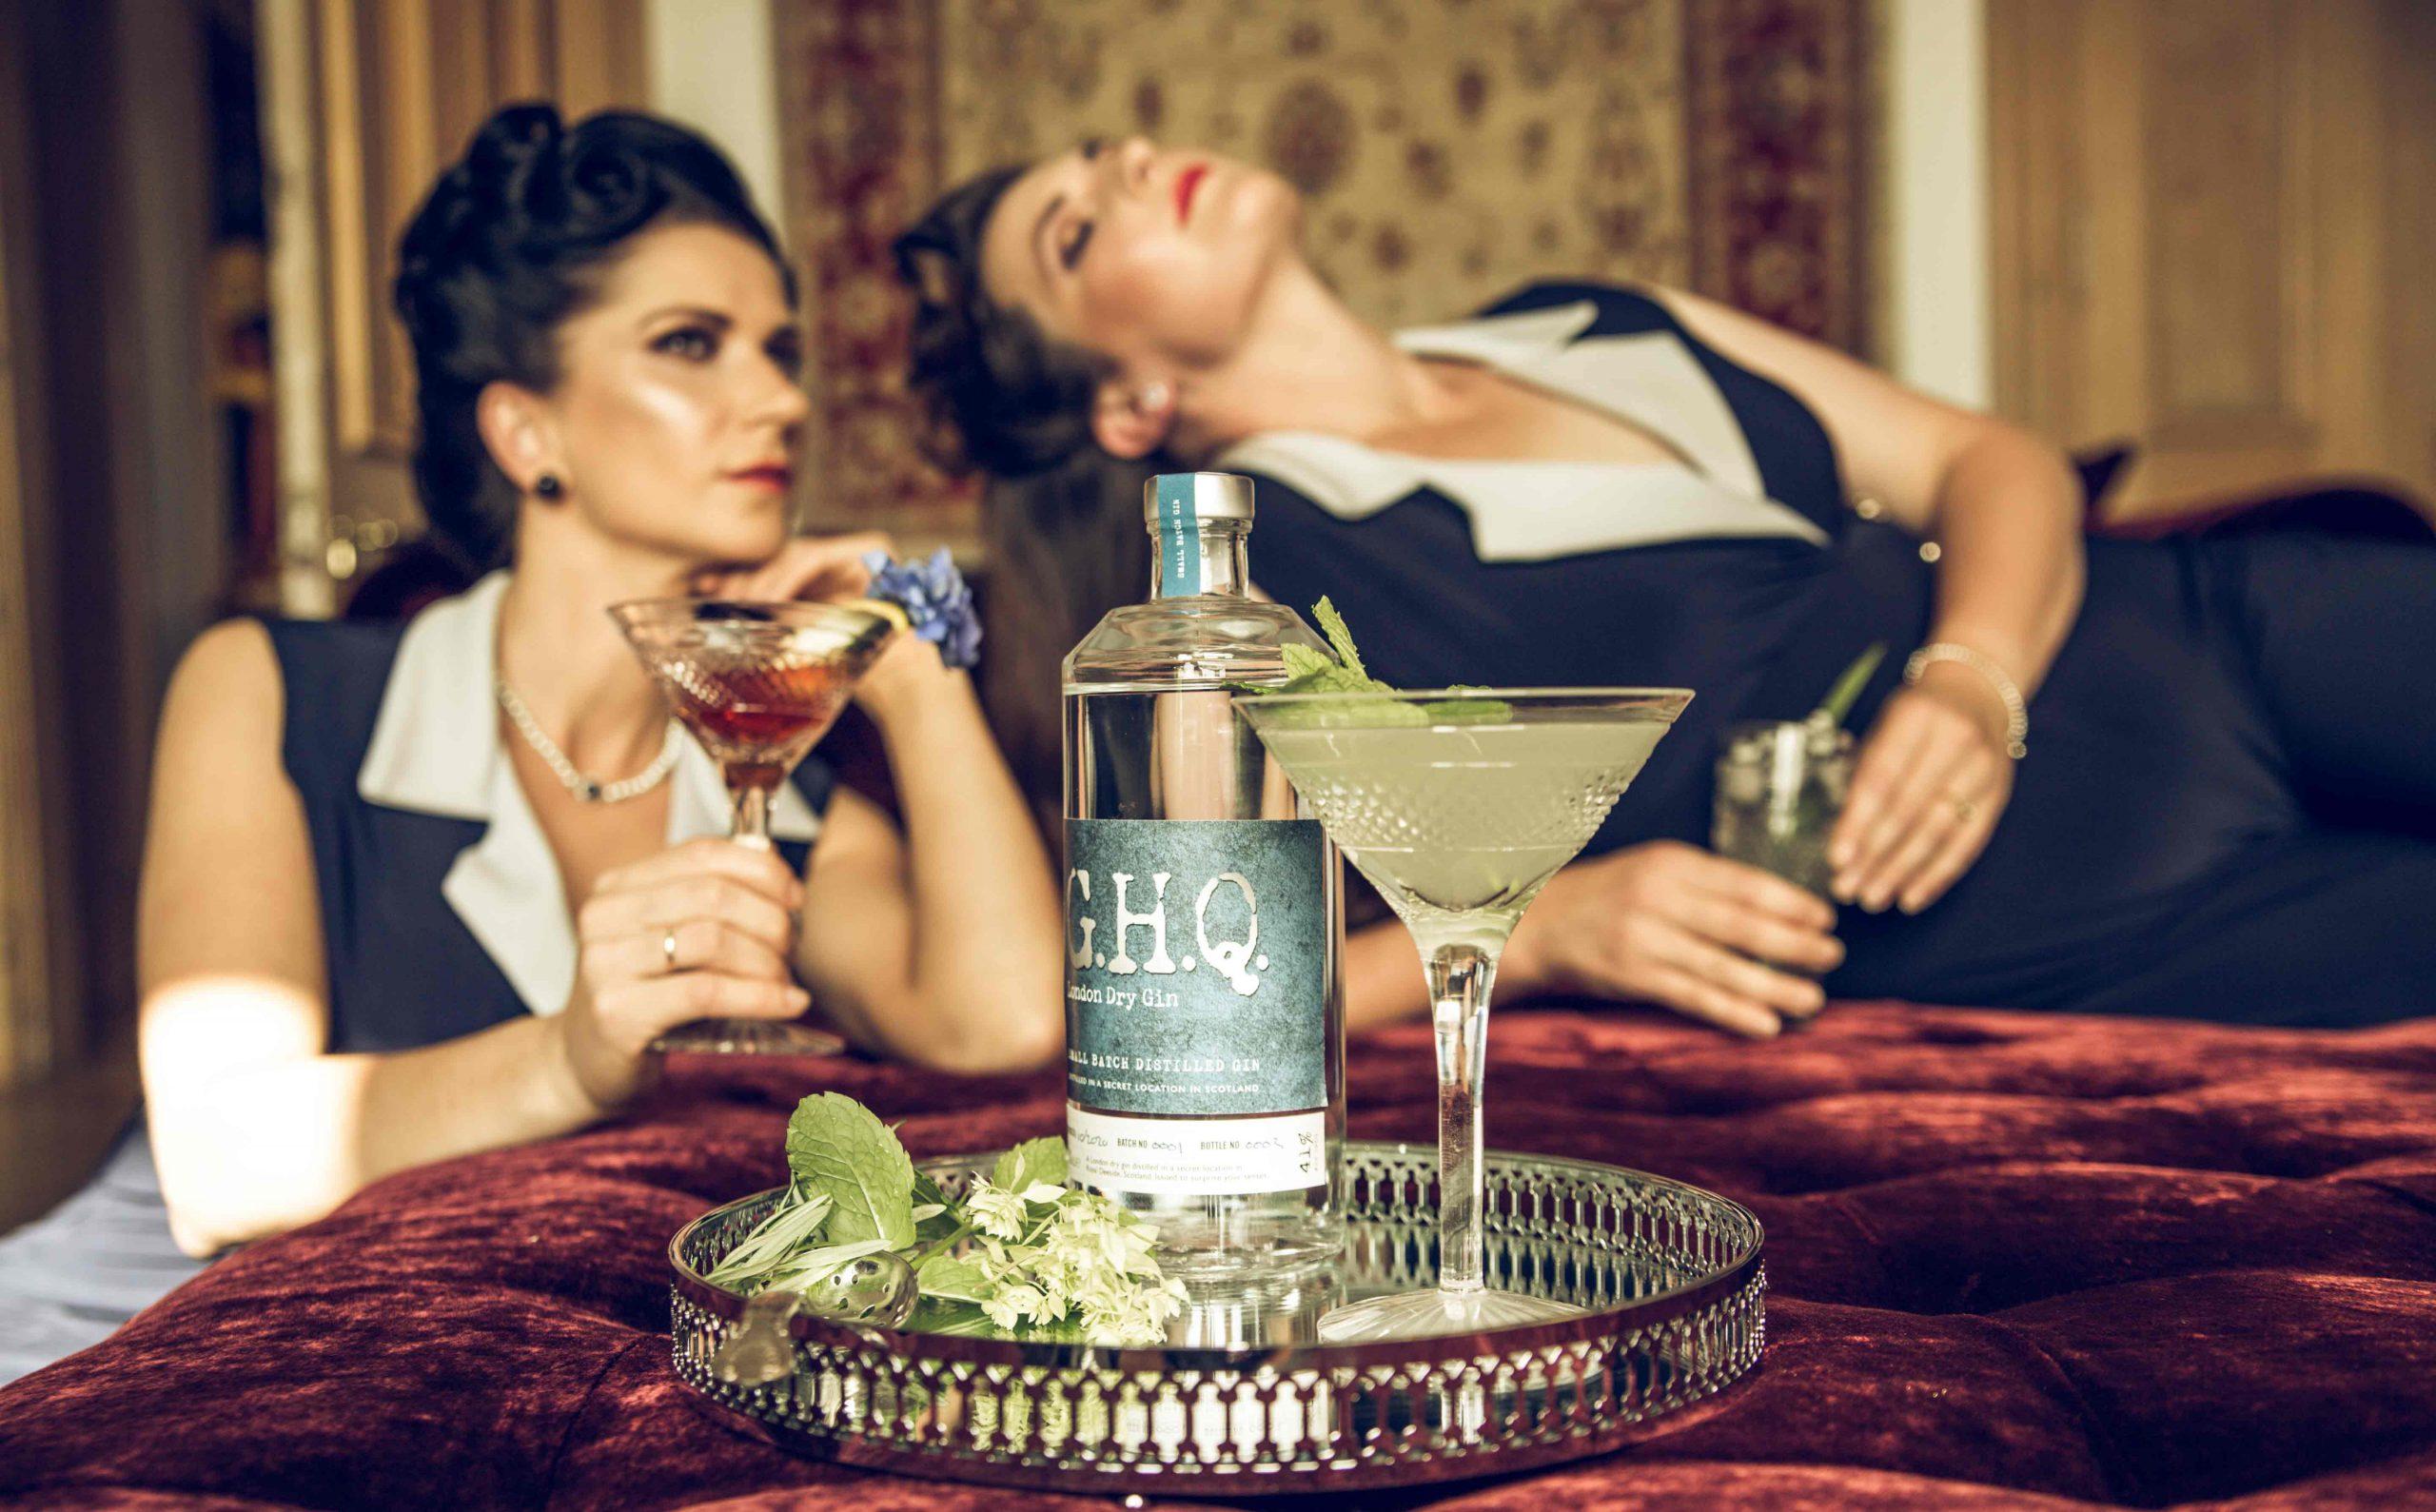 Award-winning premium spirits distilled in Scotland using the finest blend of ingredients | G.H.Q Spirits